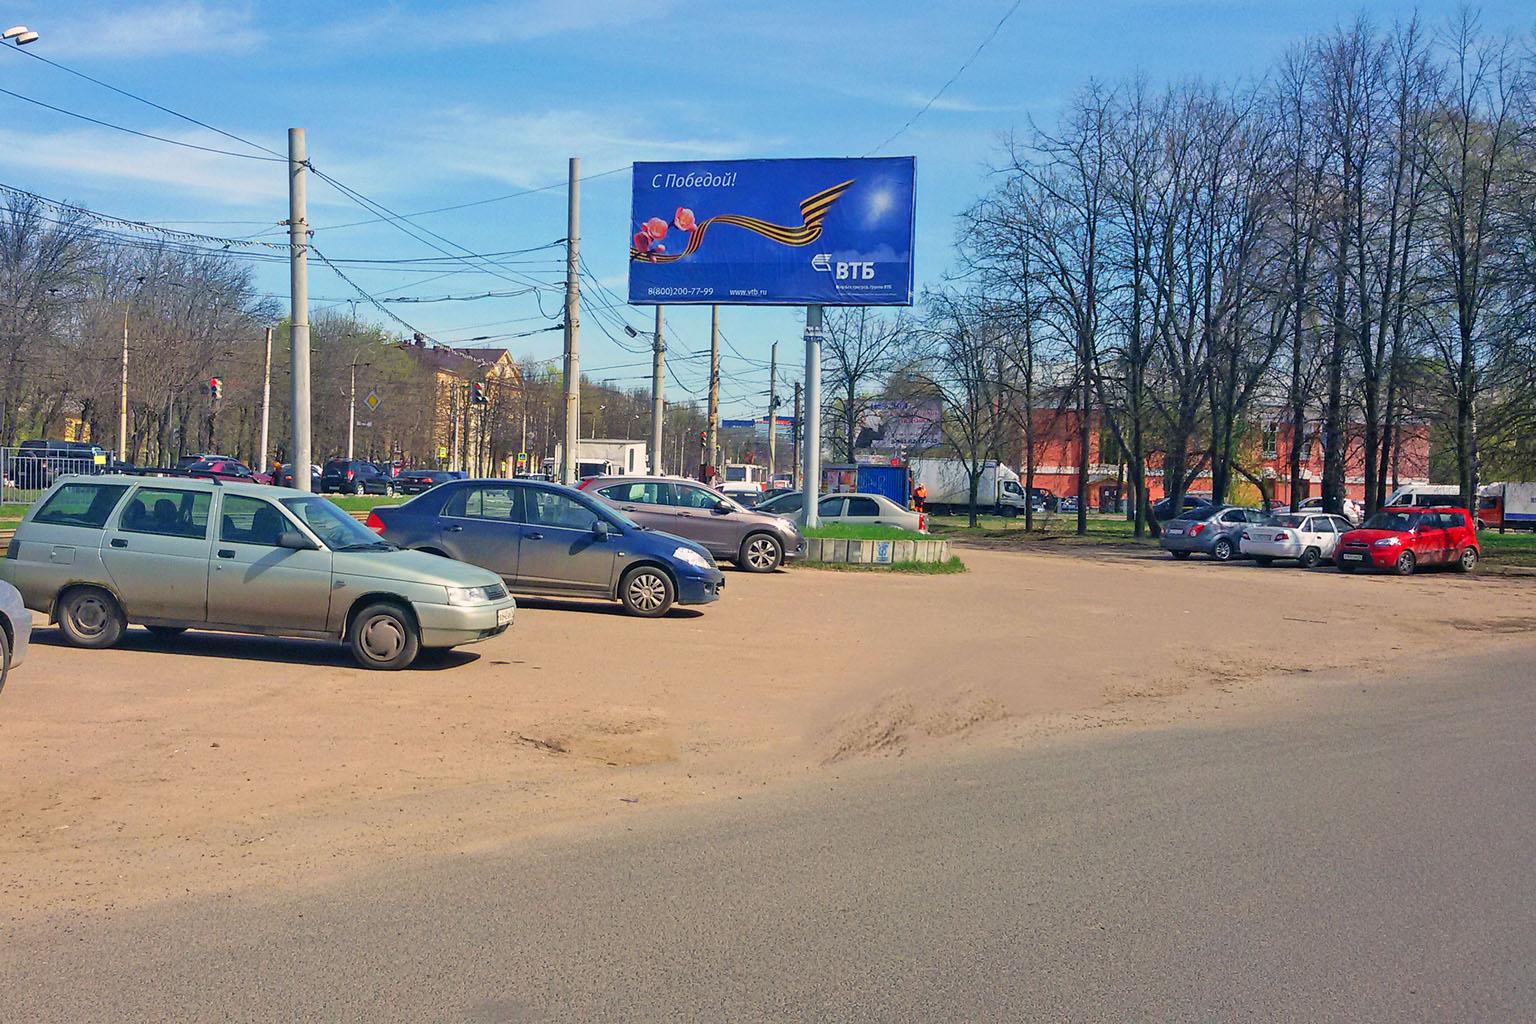 «С Победой!» - билборд Ярославль, пр-т Октября, у входа в Юбилейый парк